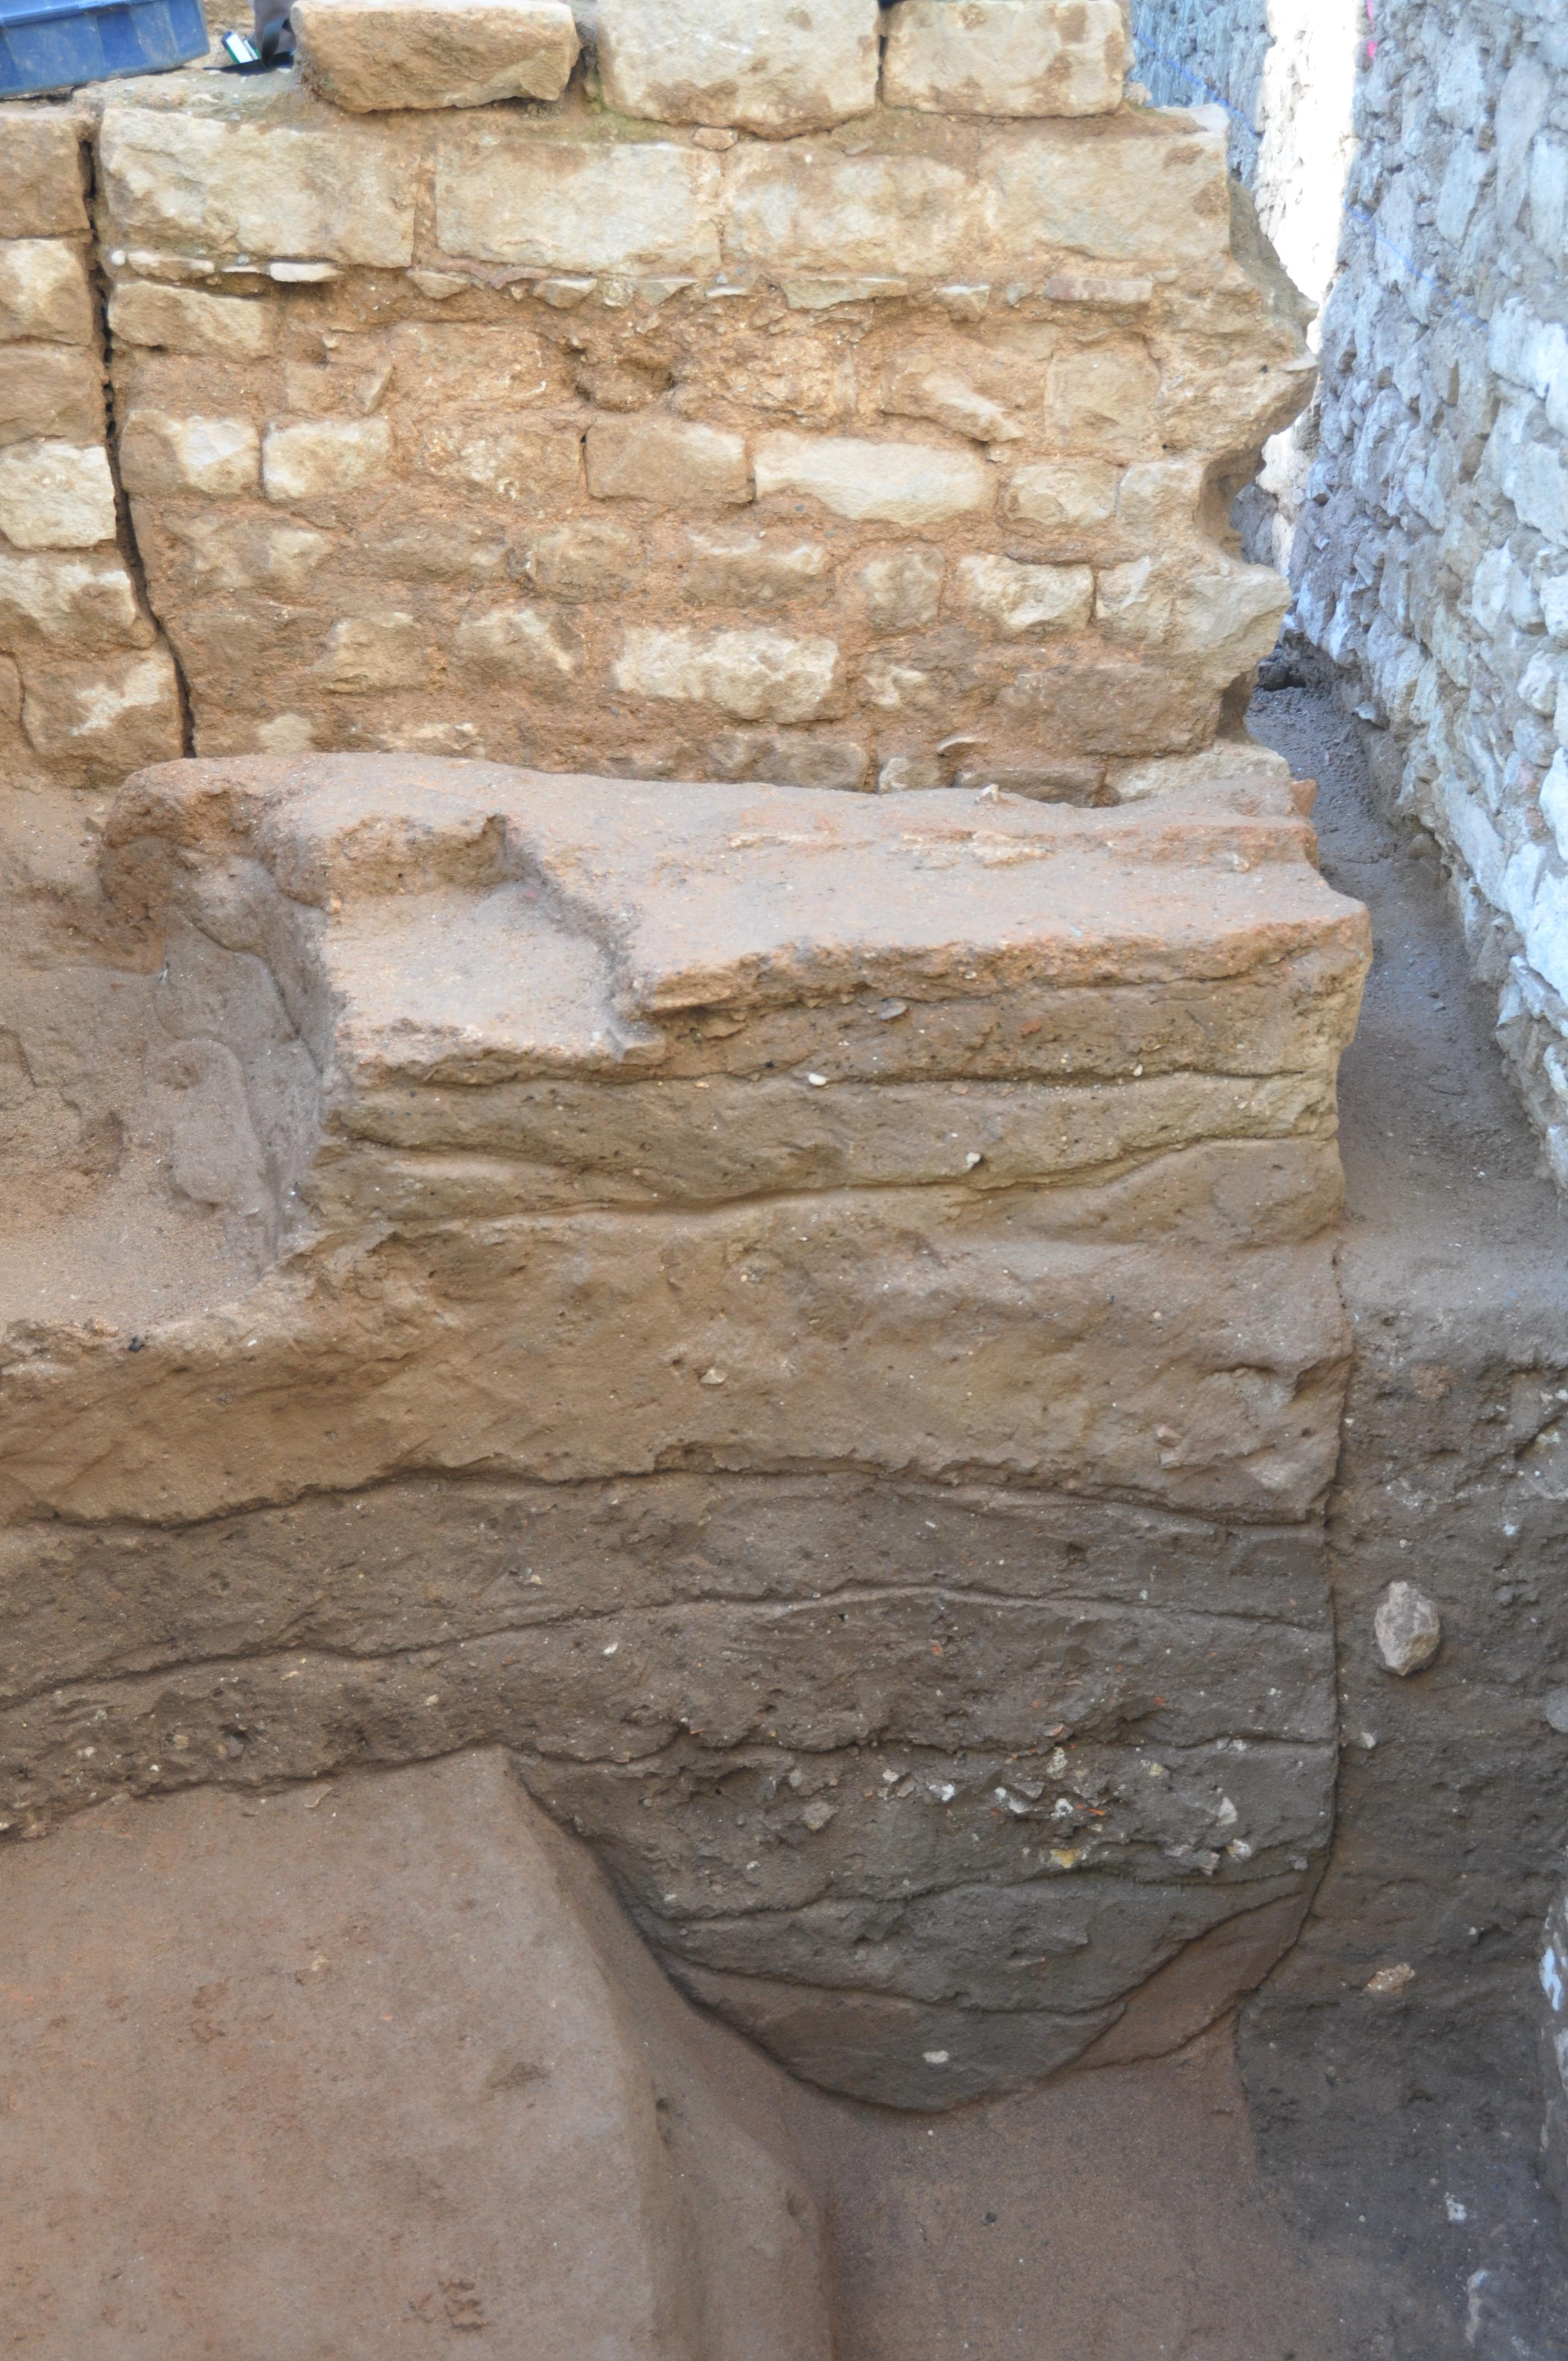 Tall estratigràfic de la intervenció de Duc de Medinaceli amb nivells medievals (tall superior) i romans (tal inferior)